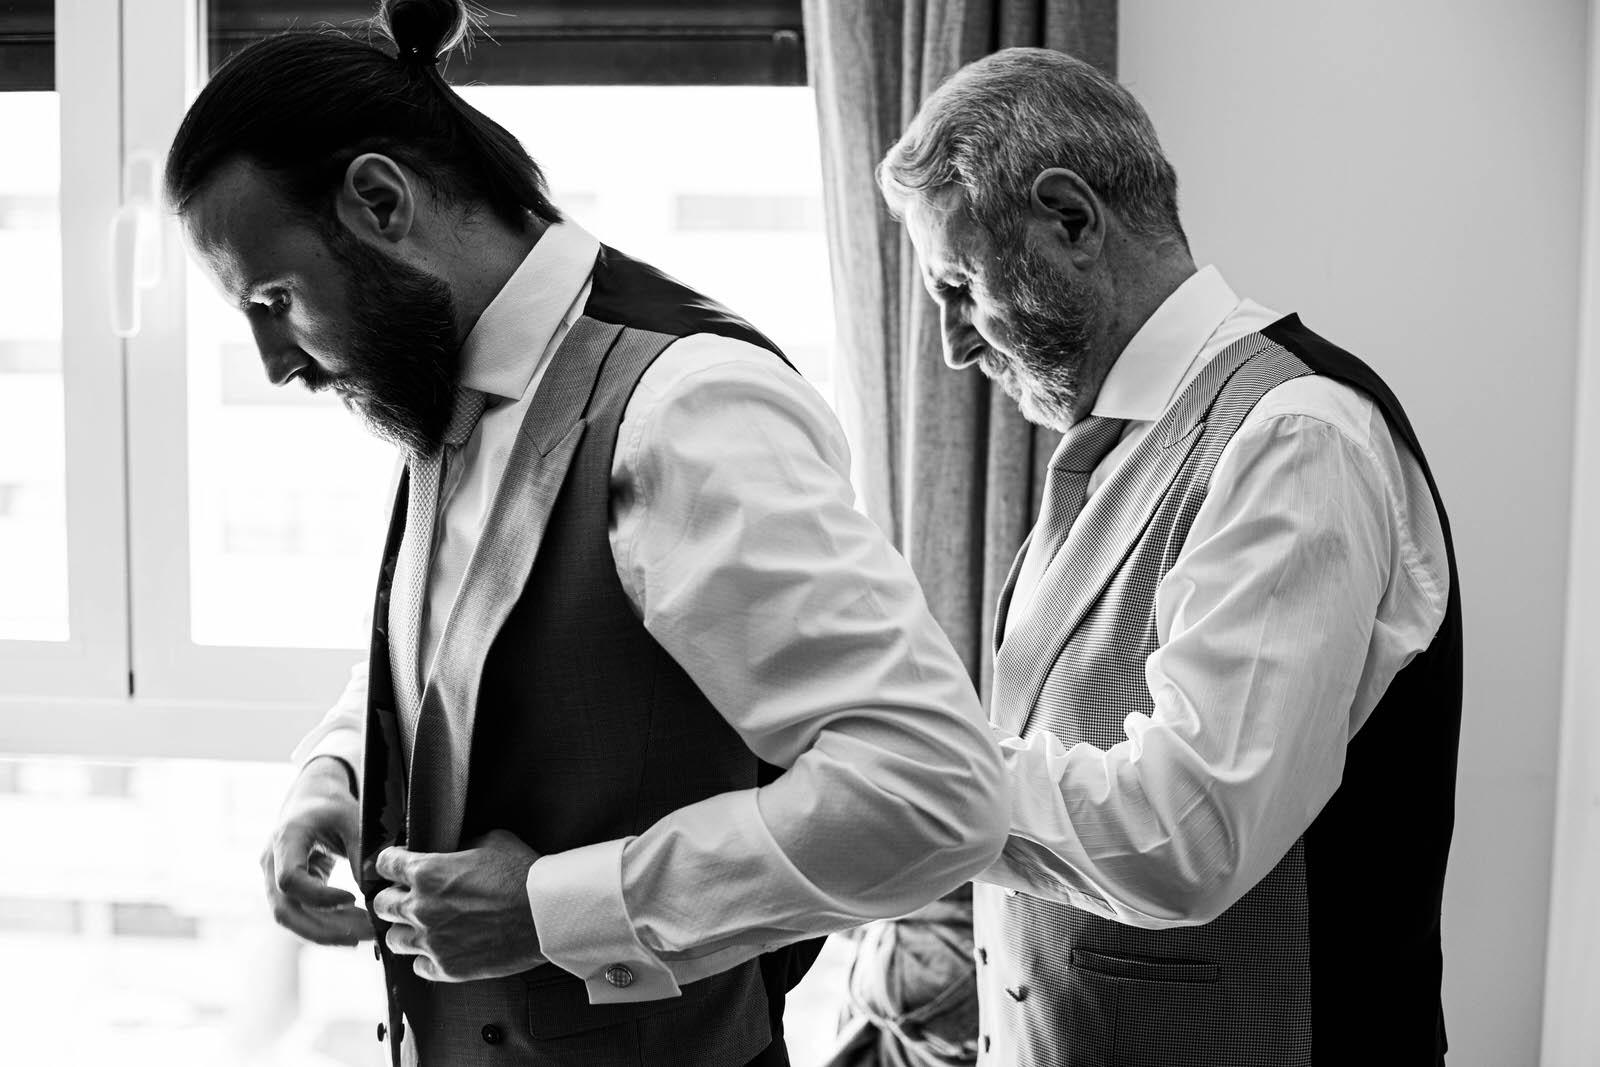 Padre ayudando a su hijo en la boda